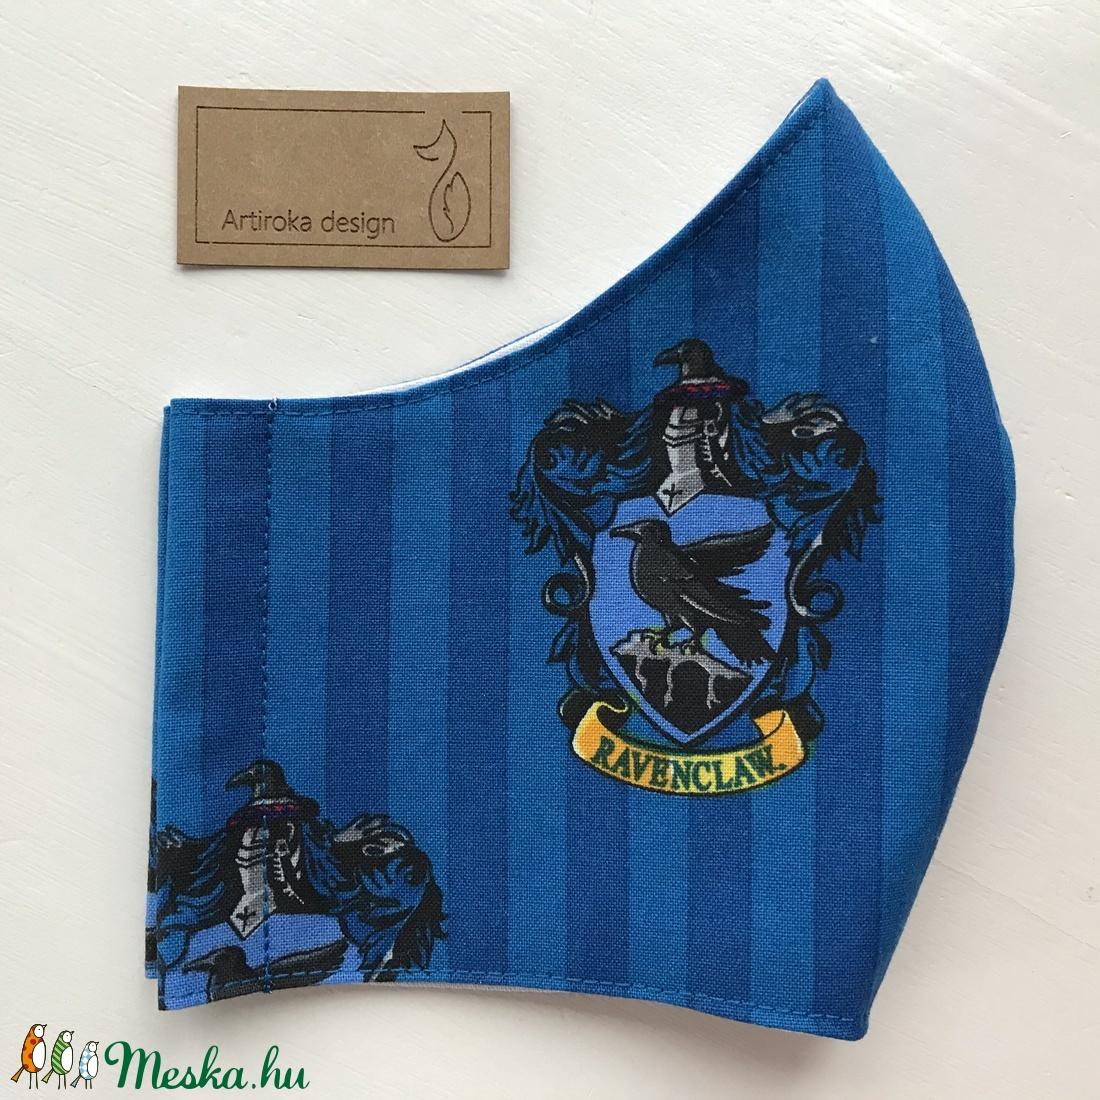 Harry Potter mintás arcmaszk, szájmaszk, maszk - Artiroka design - maszk, arcmaszk - gyerek - Meska.hu